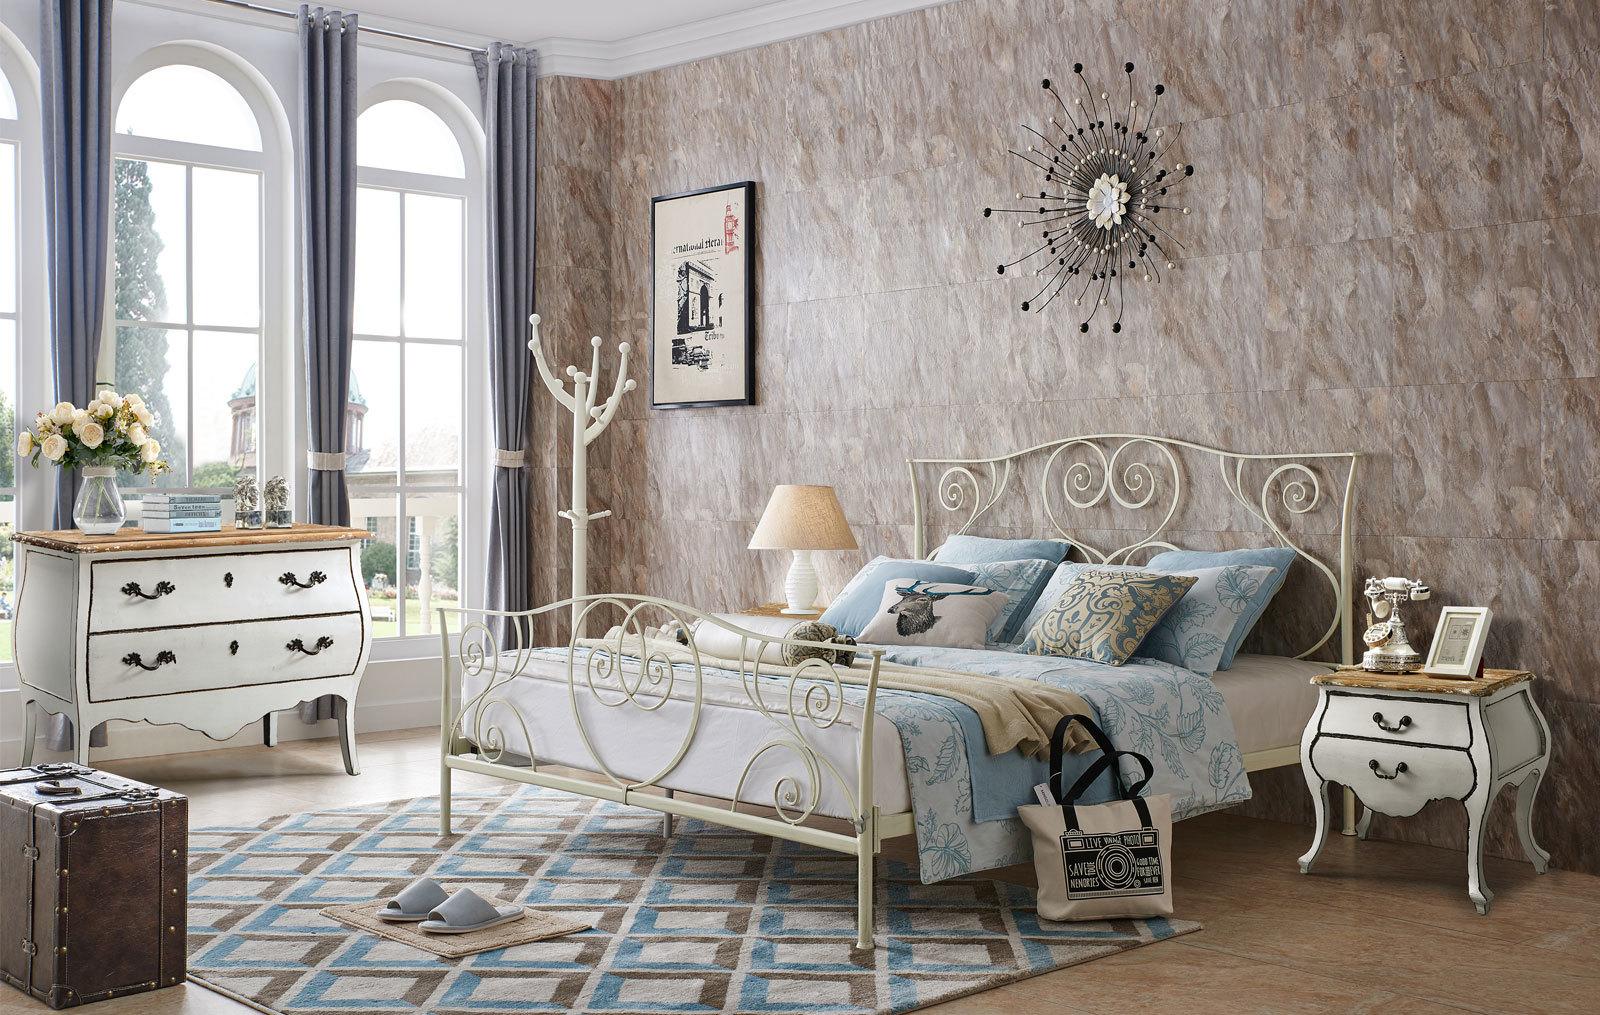 Кровать ESF TDF-0818 кремовая с тумбочками  FL-4016 в белом цвете и комодом  FL-5002